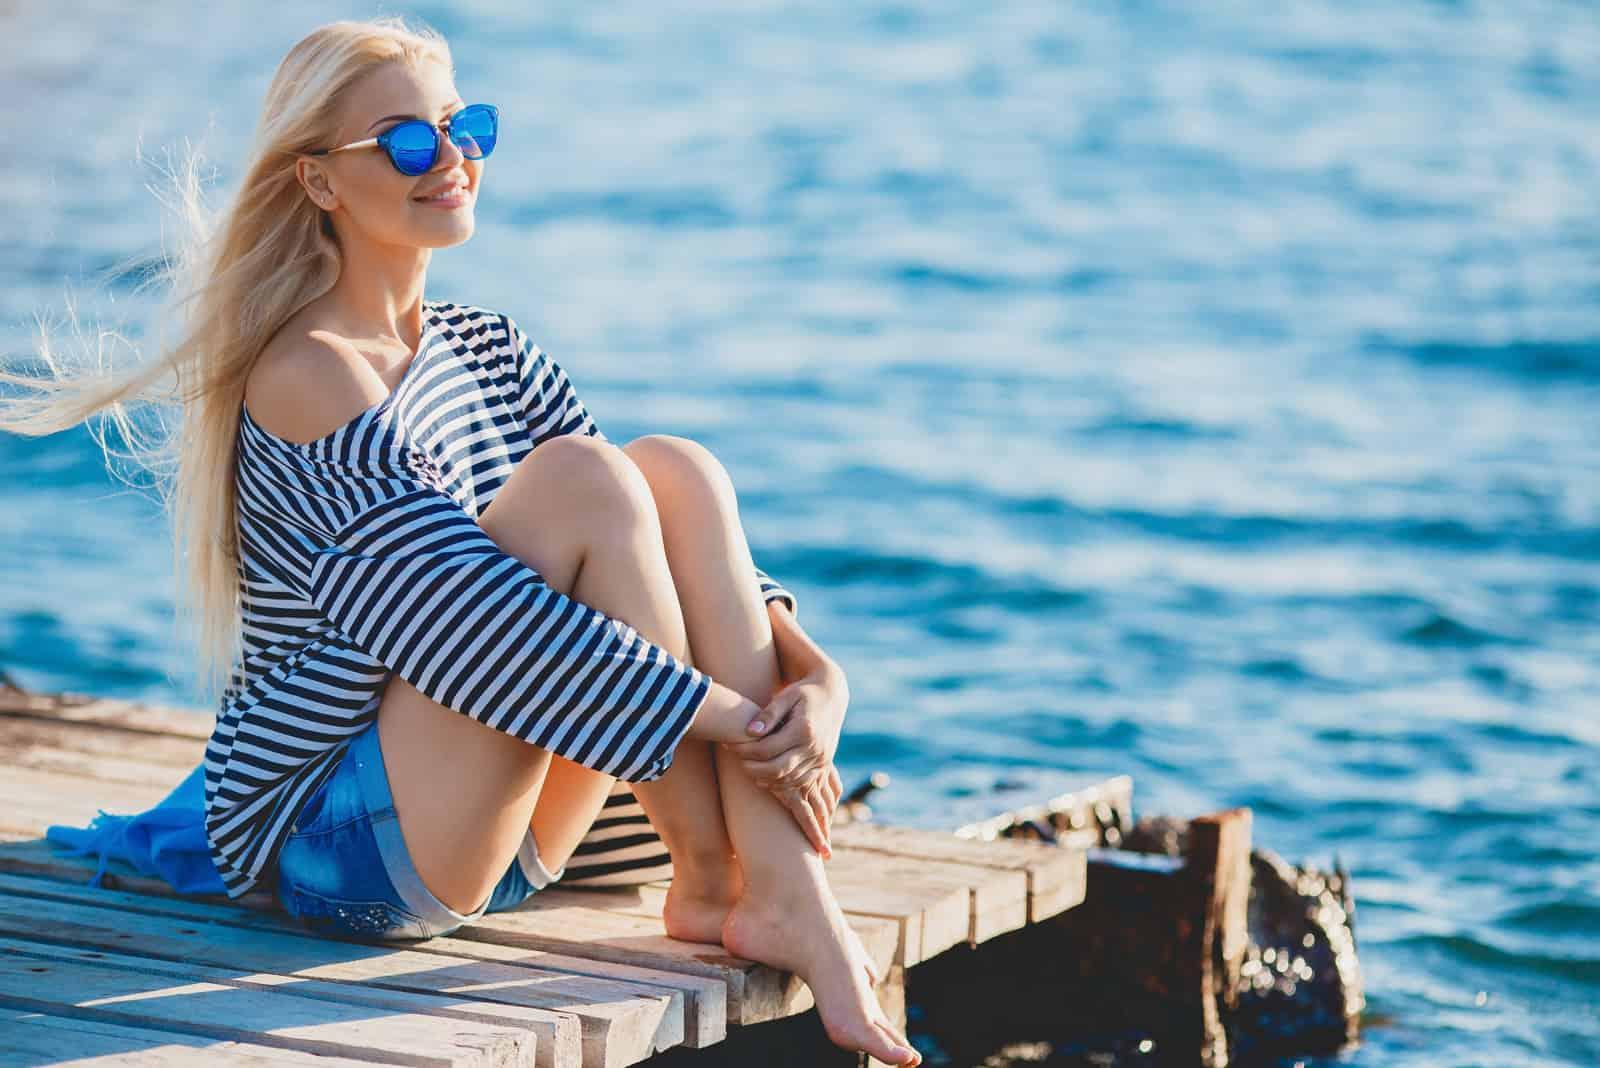 une belle femme aux longs cheveux blonds est assise sur la jetée